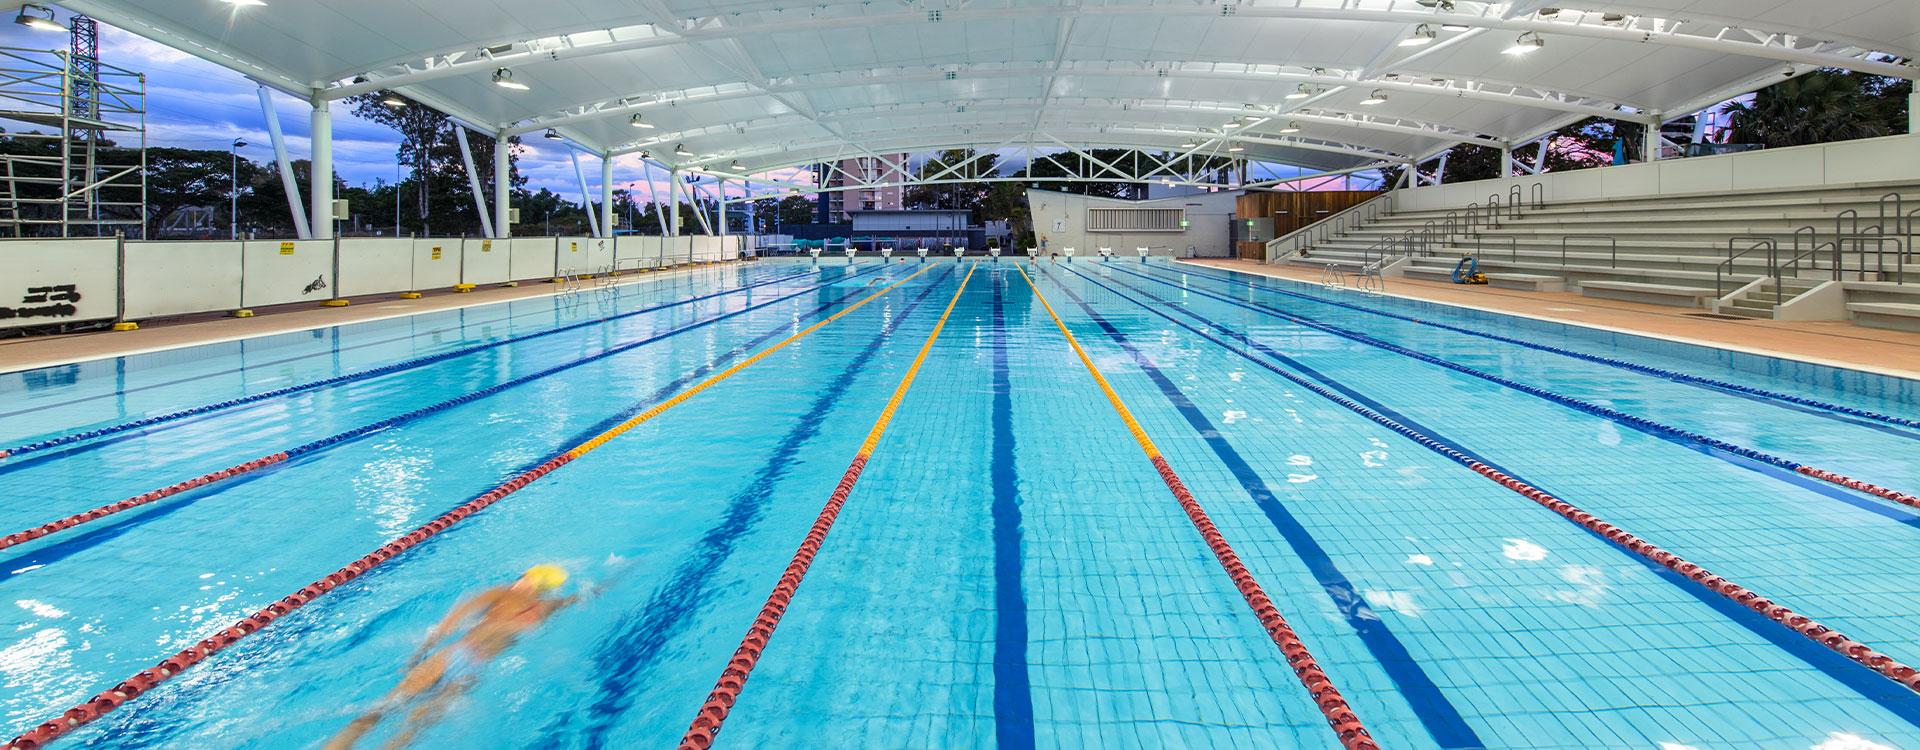 Southside Memorial Pool, Rockhampton